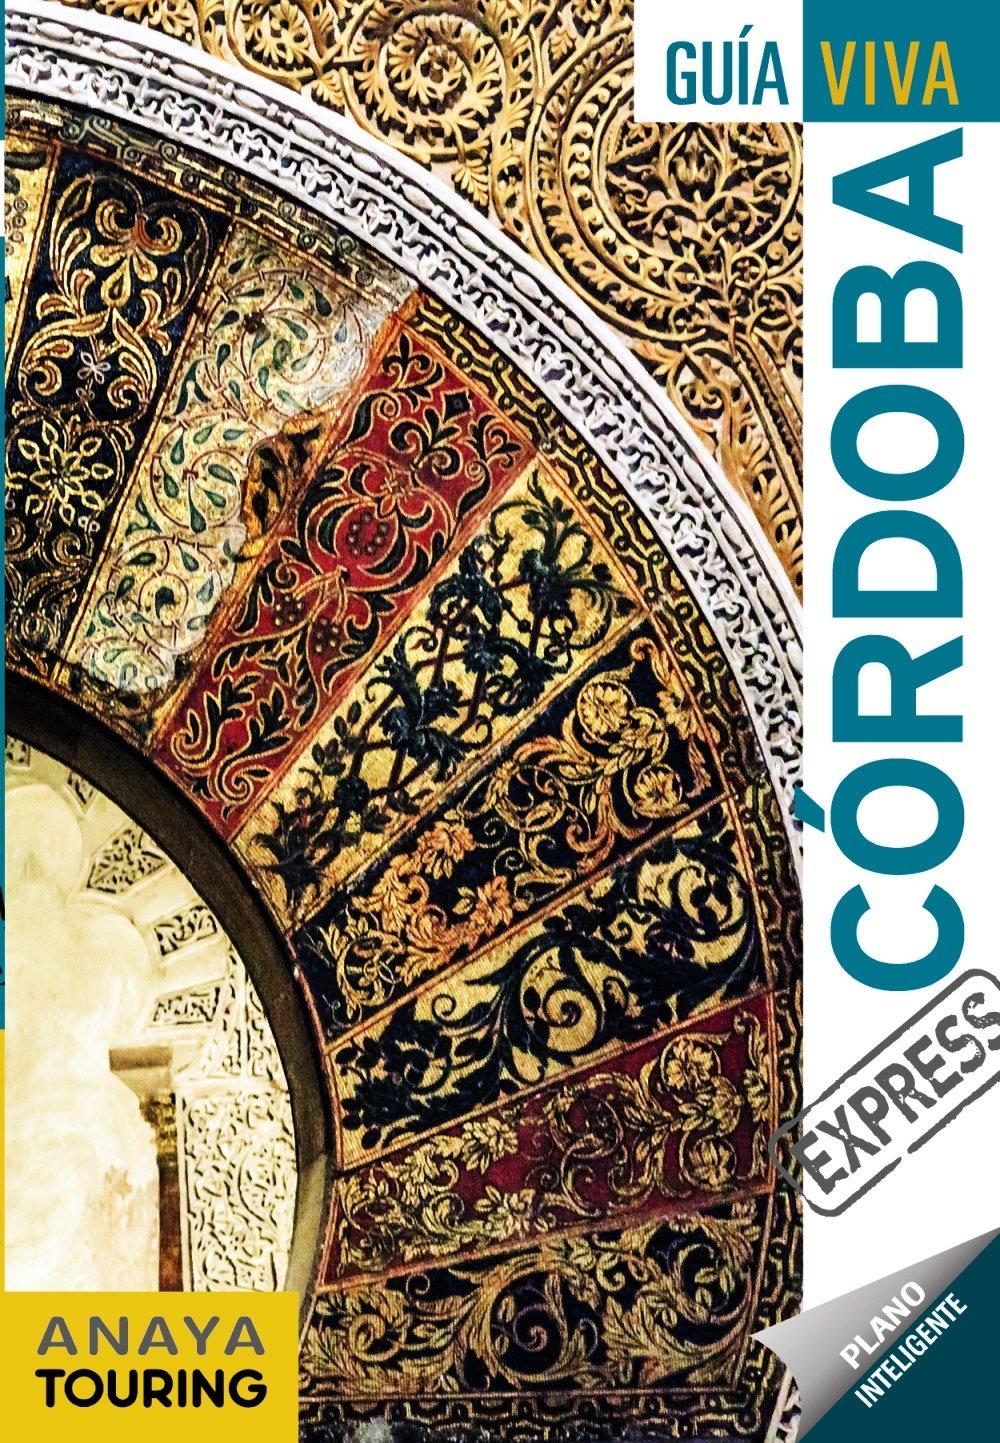 Córdoba (Guía Viva Express - España): Amazon.es: Anaya Touring, Arjona Molina, Rafael, Ribes, Francesc, García Arrabal, Olga: Libros